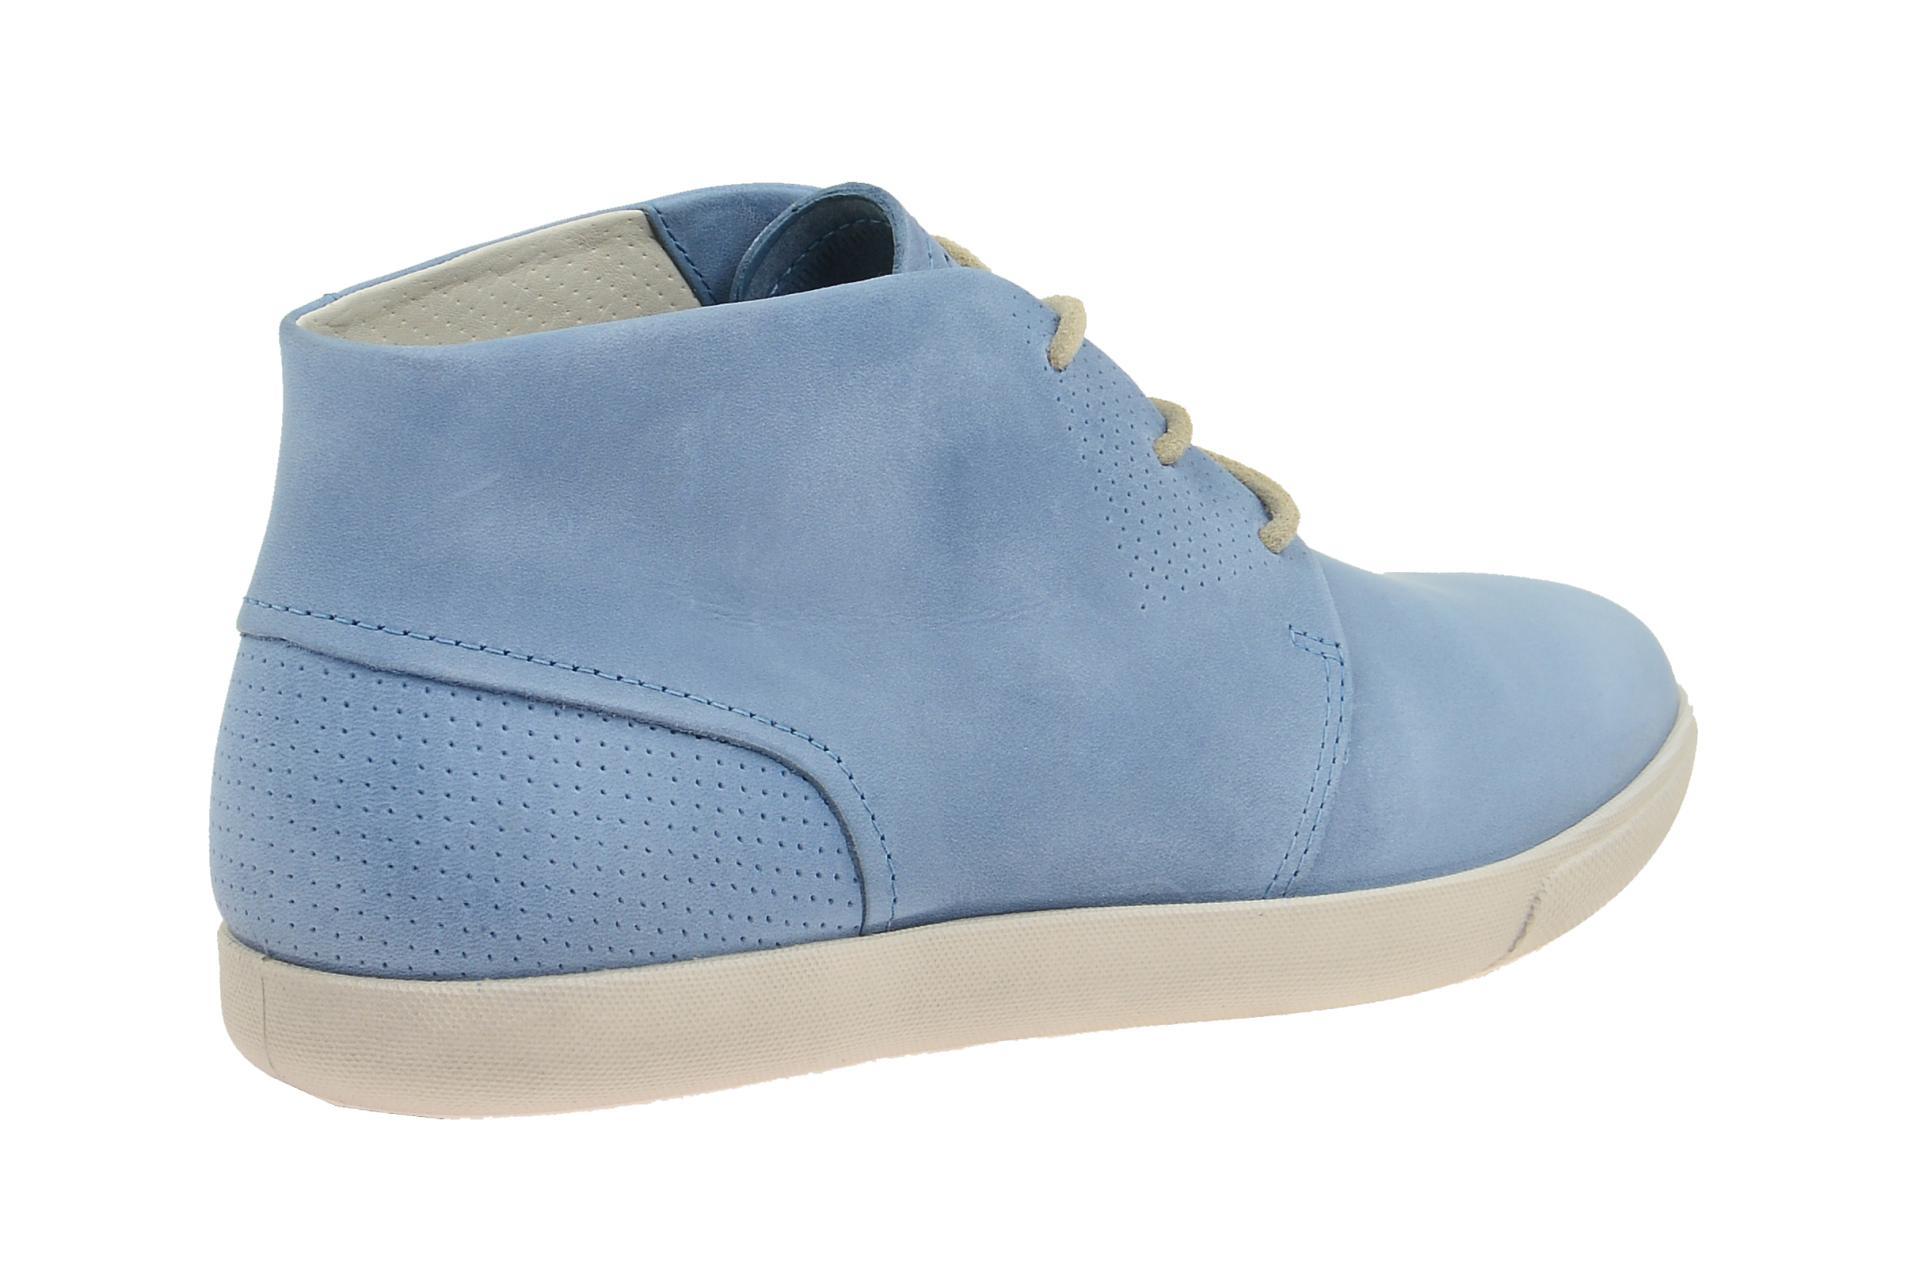 c72e62a24735 Ecco Schuhe DAMARA blau Damenschuhe bequeme Schnür-Halbschuhe 24531302471  NEU